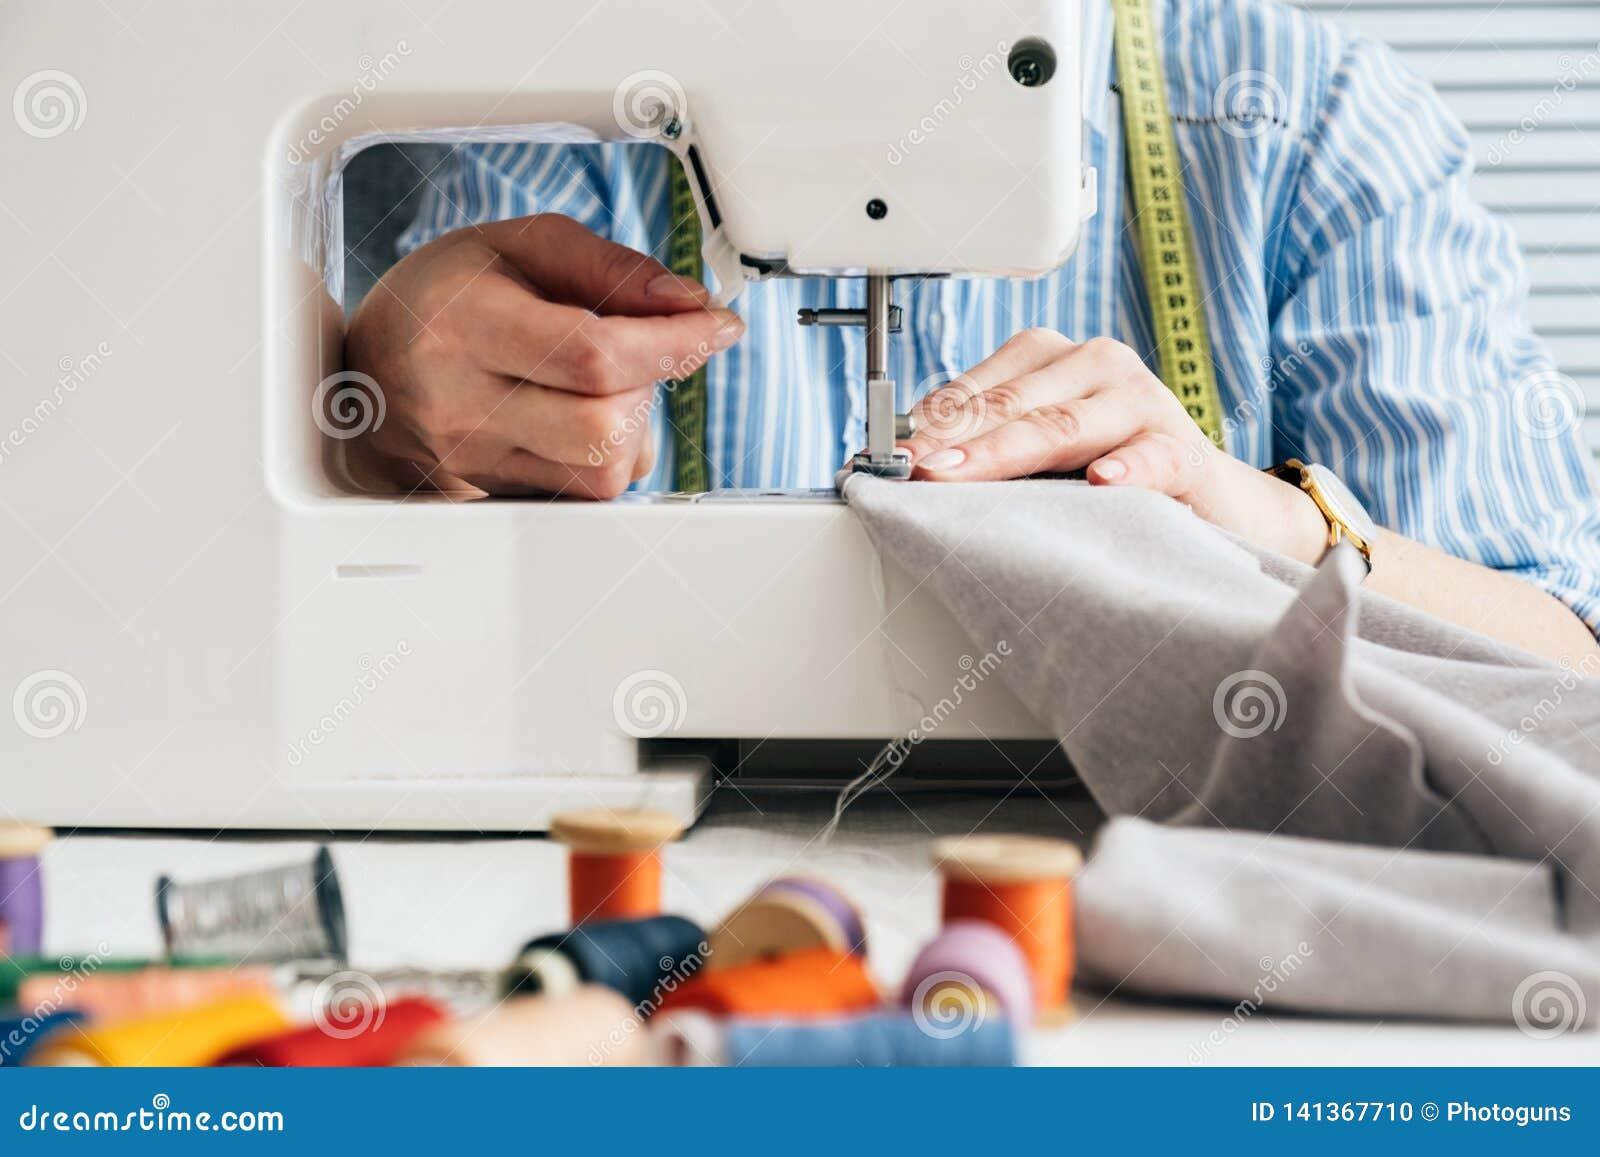 Näherin, die mit elektrischer Nähmaschine arbeitet